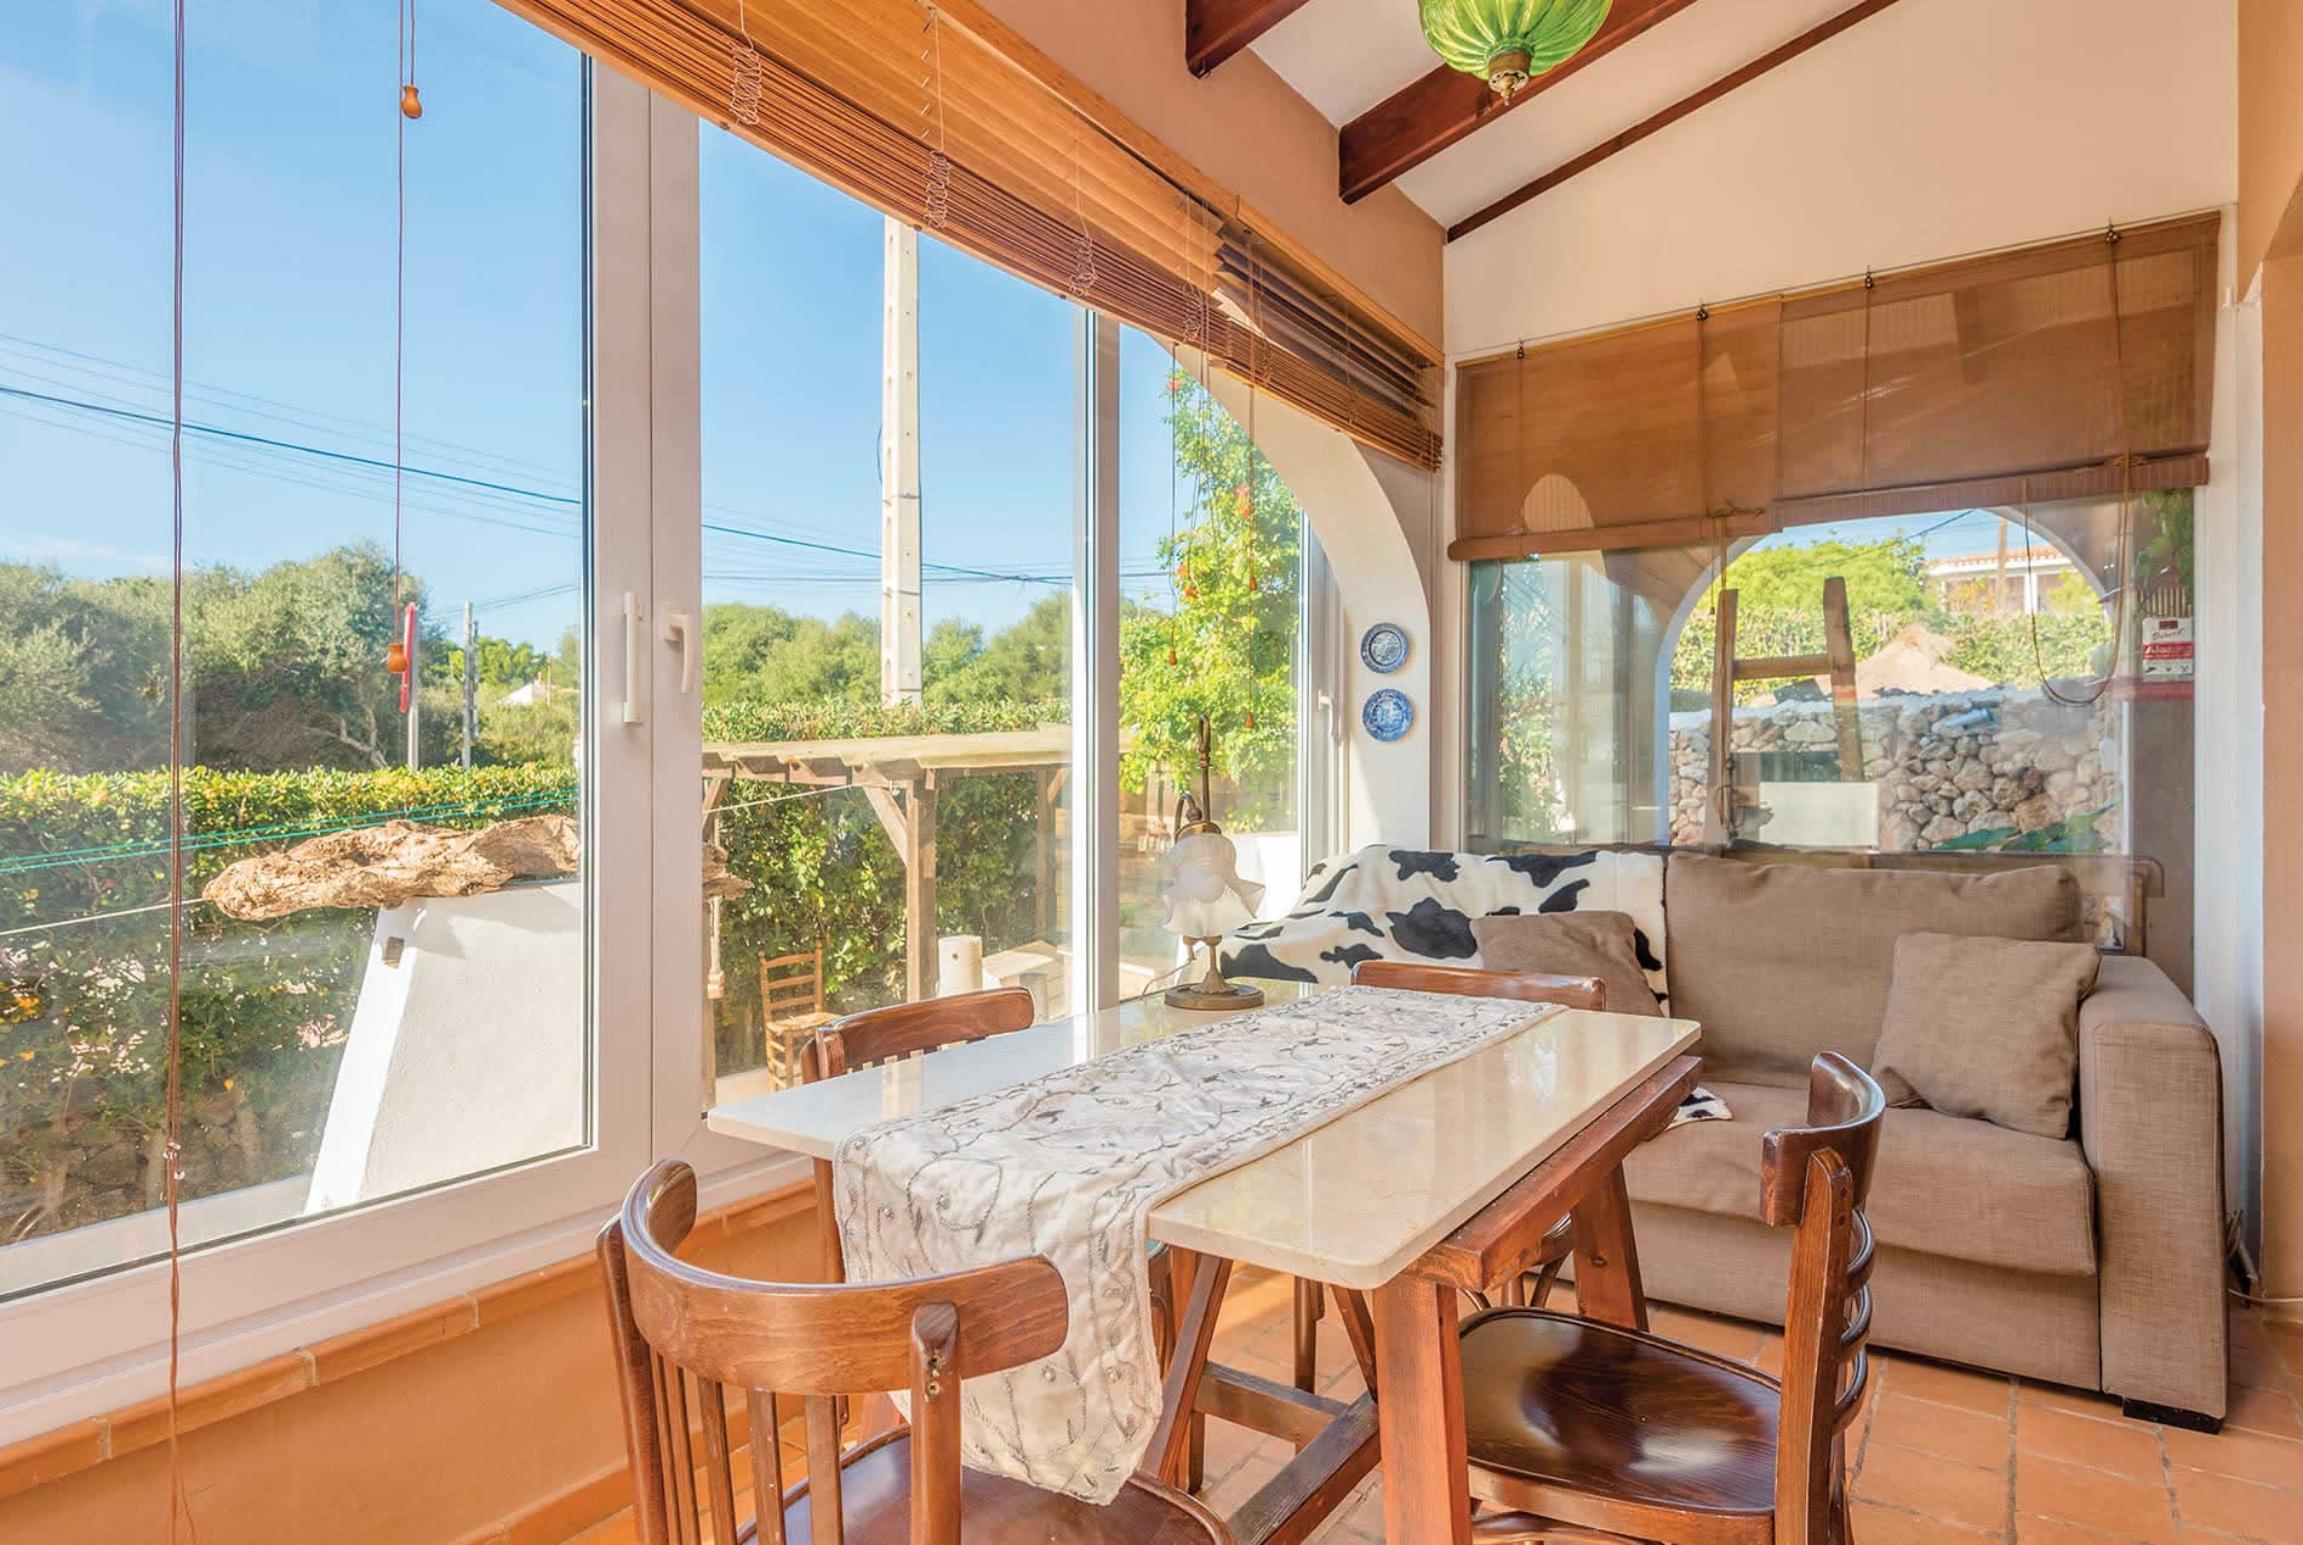 Ferienhaus Casa Luis (2653617), Punta Prima, Menorca, Balearische Inseln, Spanien, Bild 5